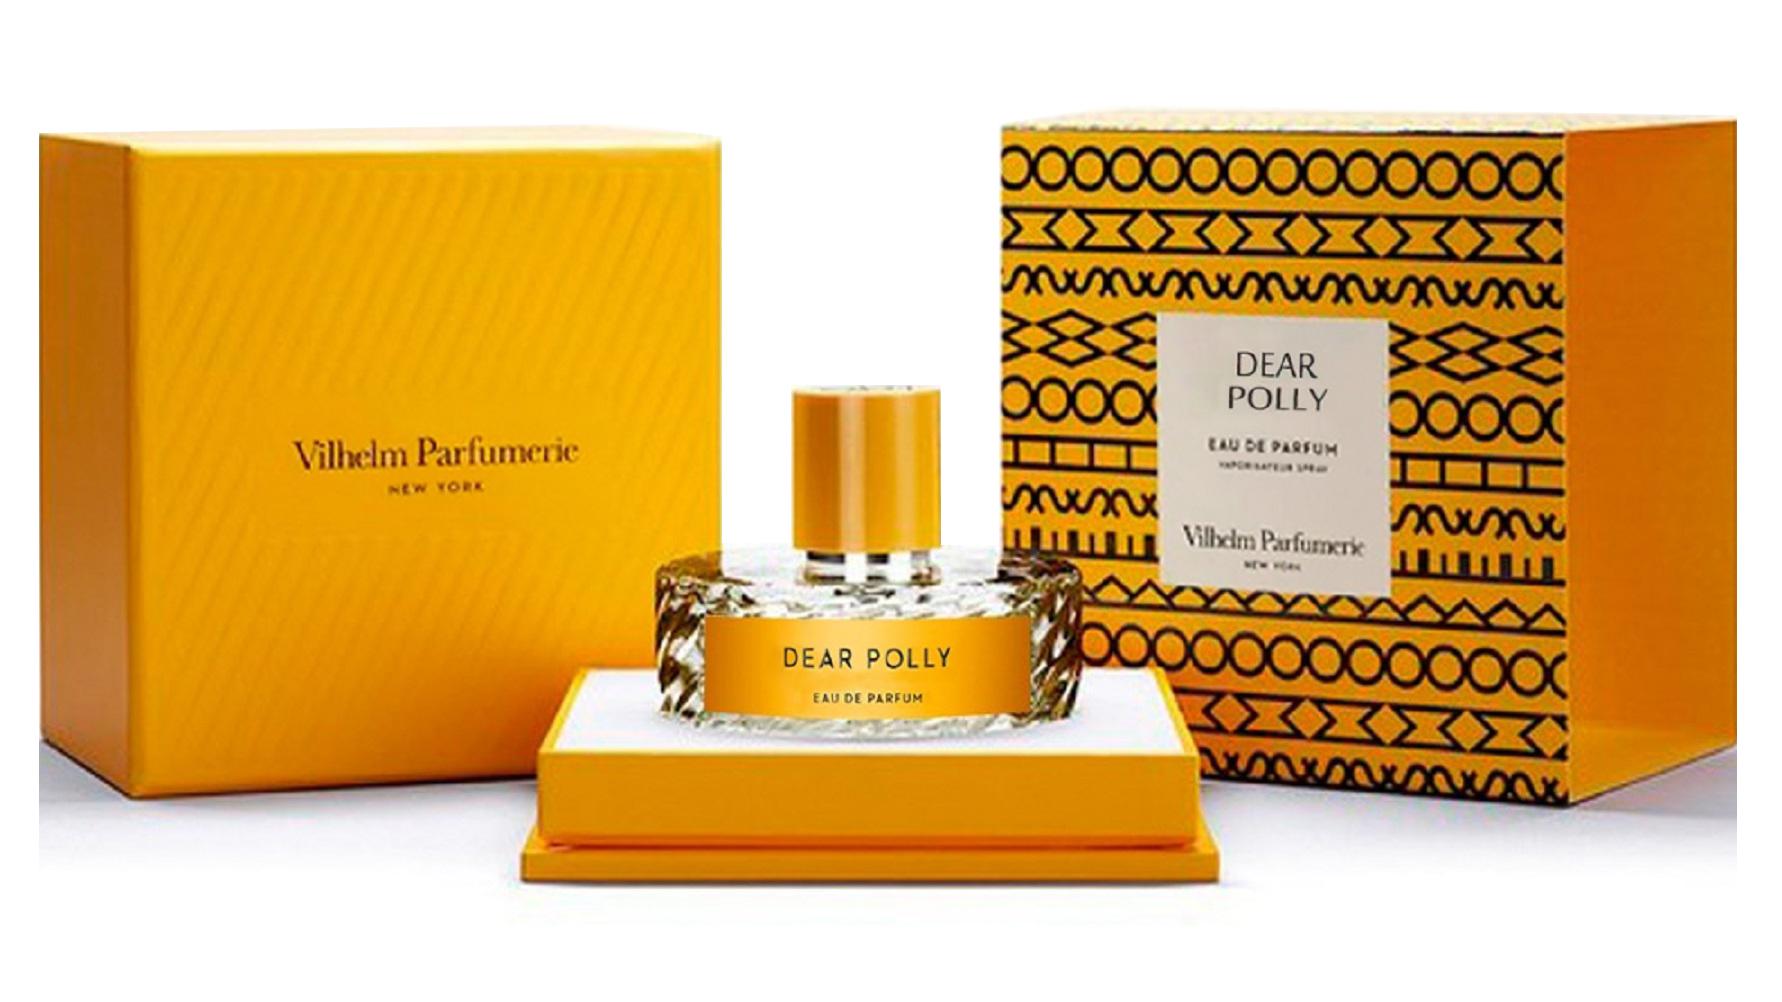 Dear Polly парфюм цена отзывы